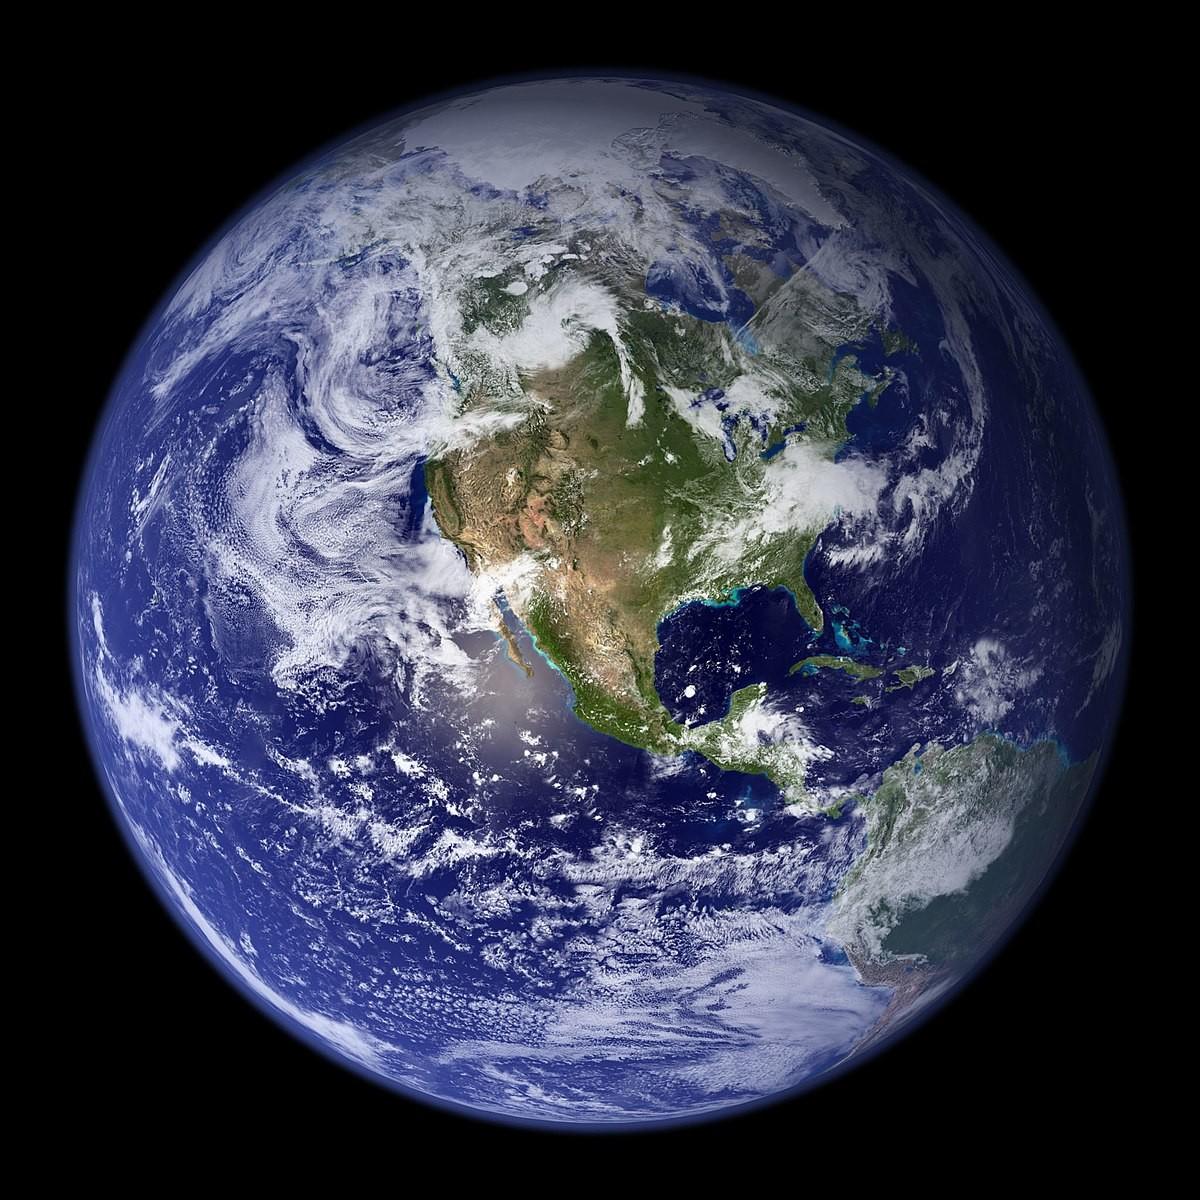 Планета Земля. Автор: NASA Goddard Space Flight Center Image by Reto Stöckl